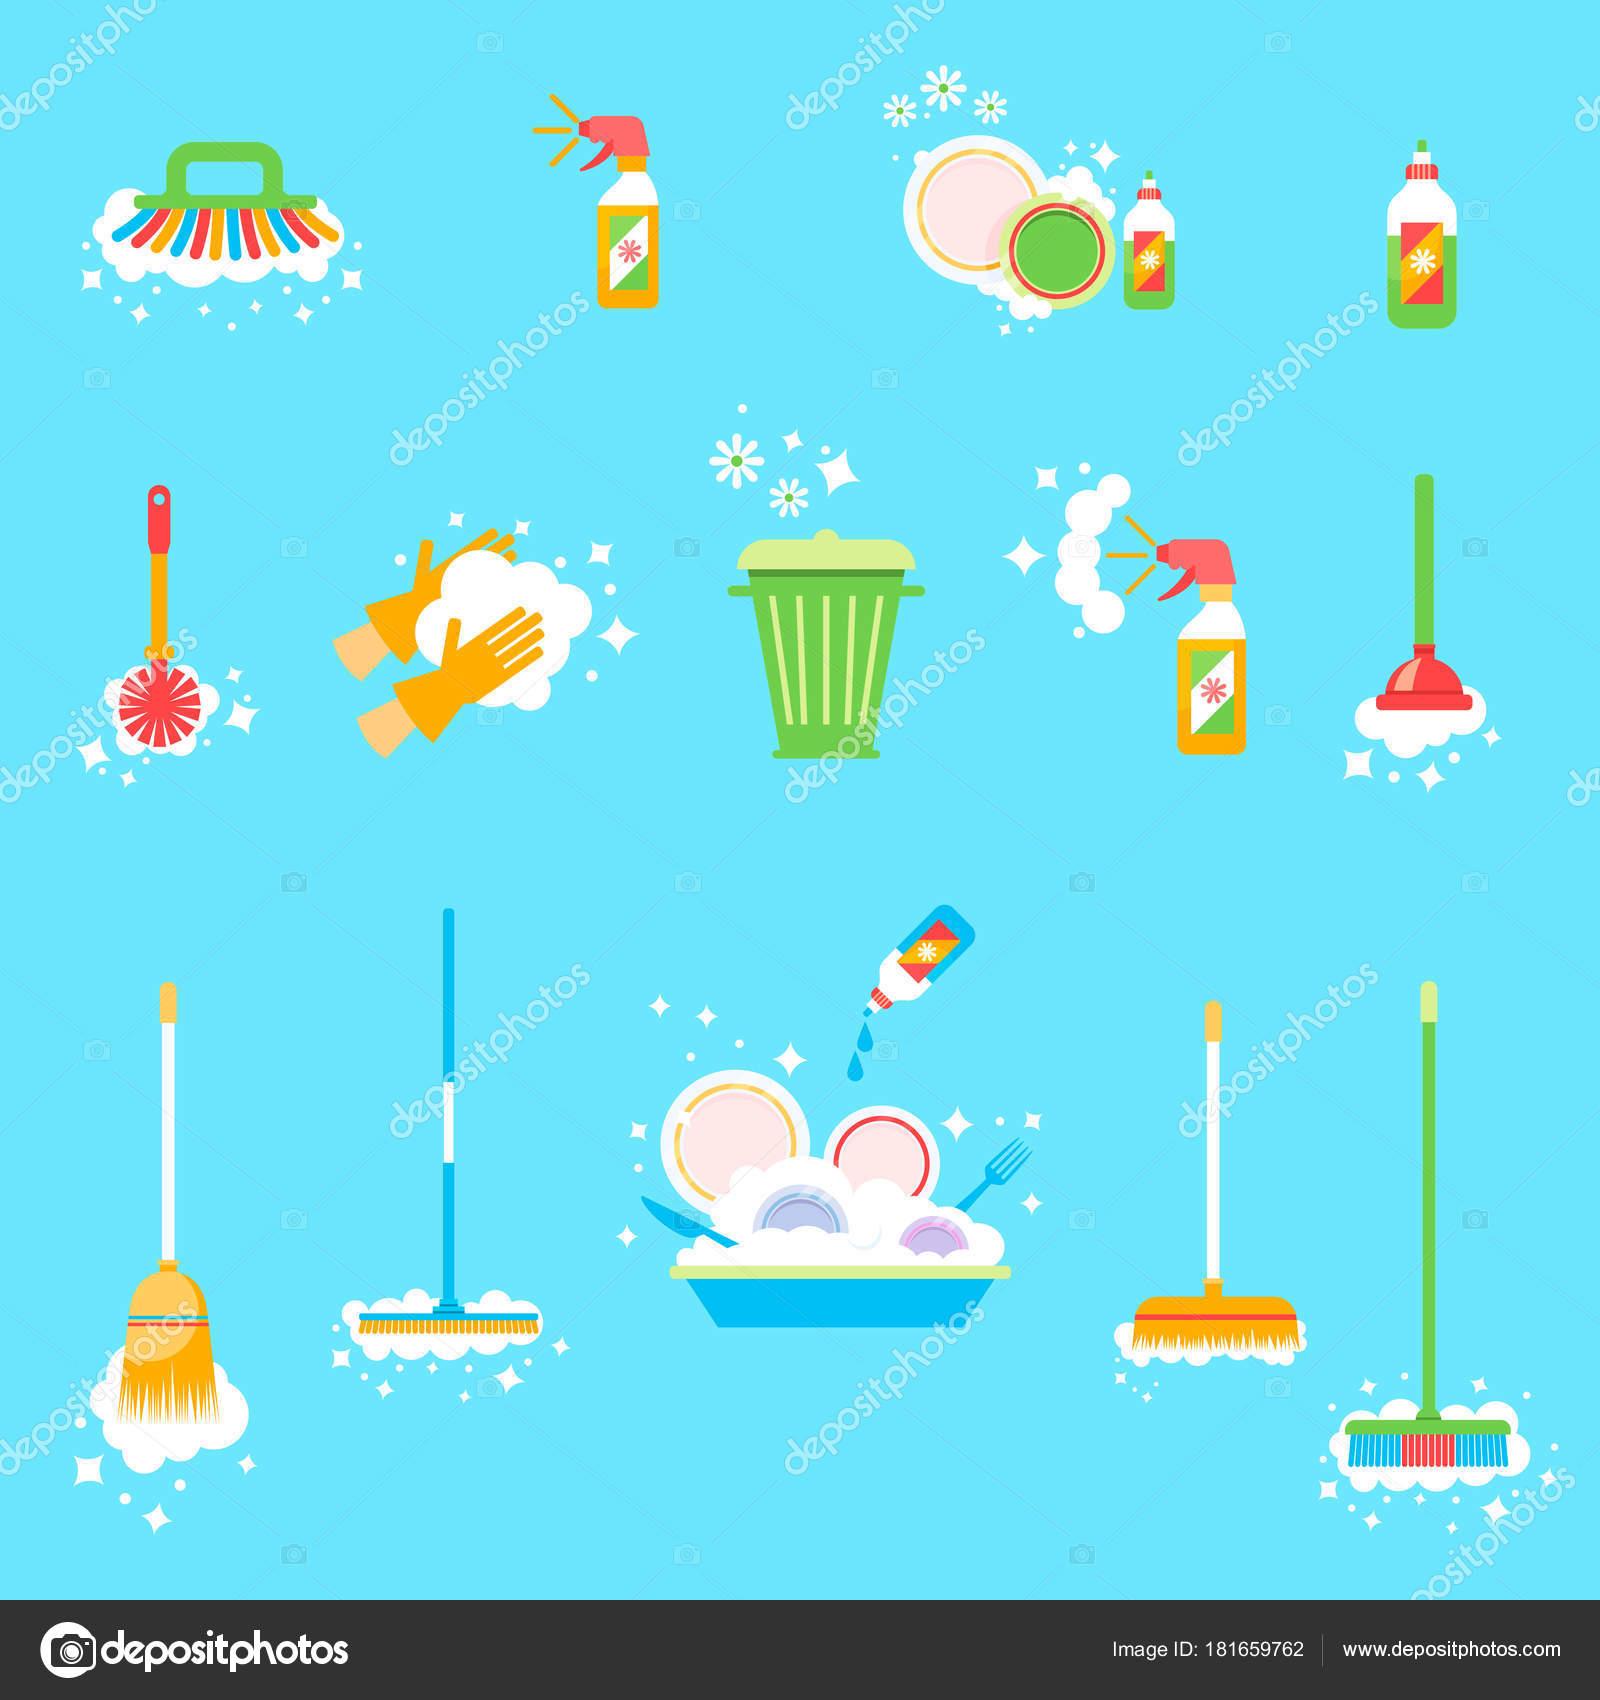 reinigung des hauses wischen sie die fenster waschen sie w sche saugen sie den boden. Black Bedroom Furniture Sets. Home Design Ideas